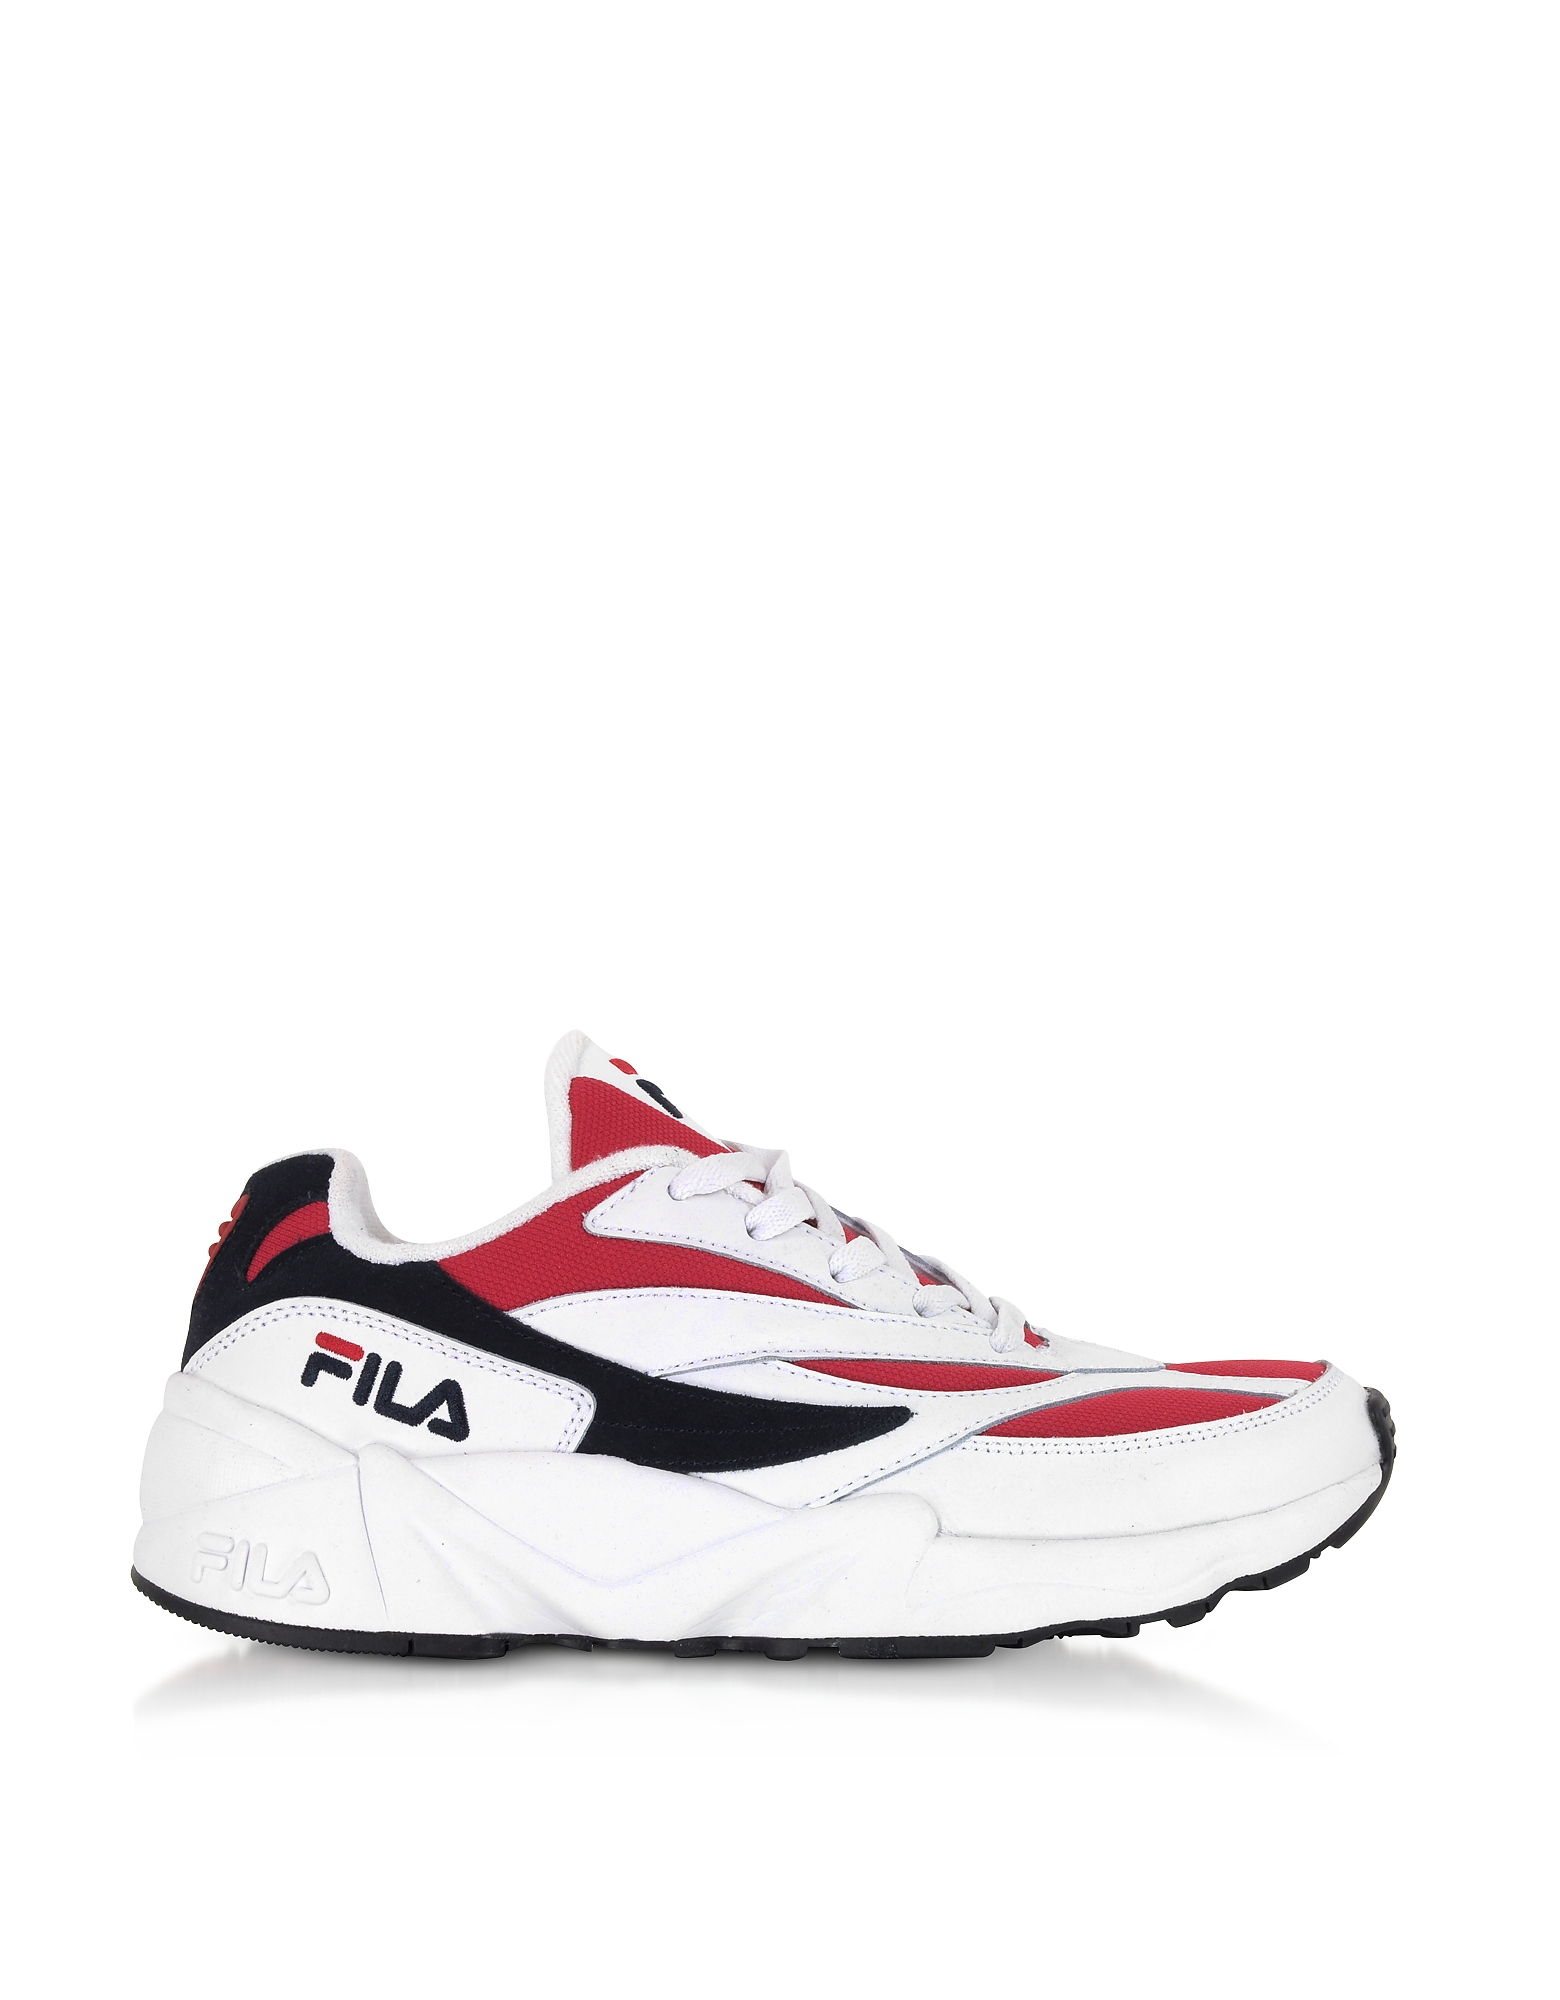 FILA Designer Shoes, V94M Low White & Red Men's Sneakers